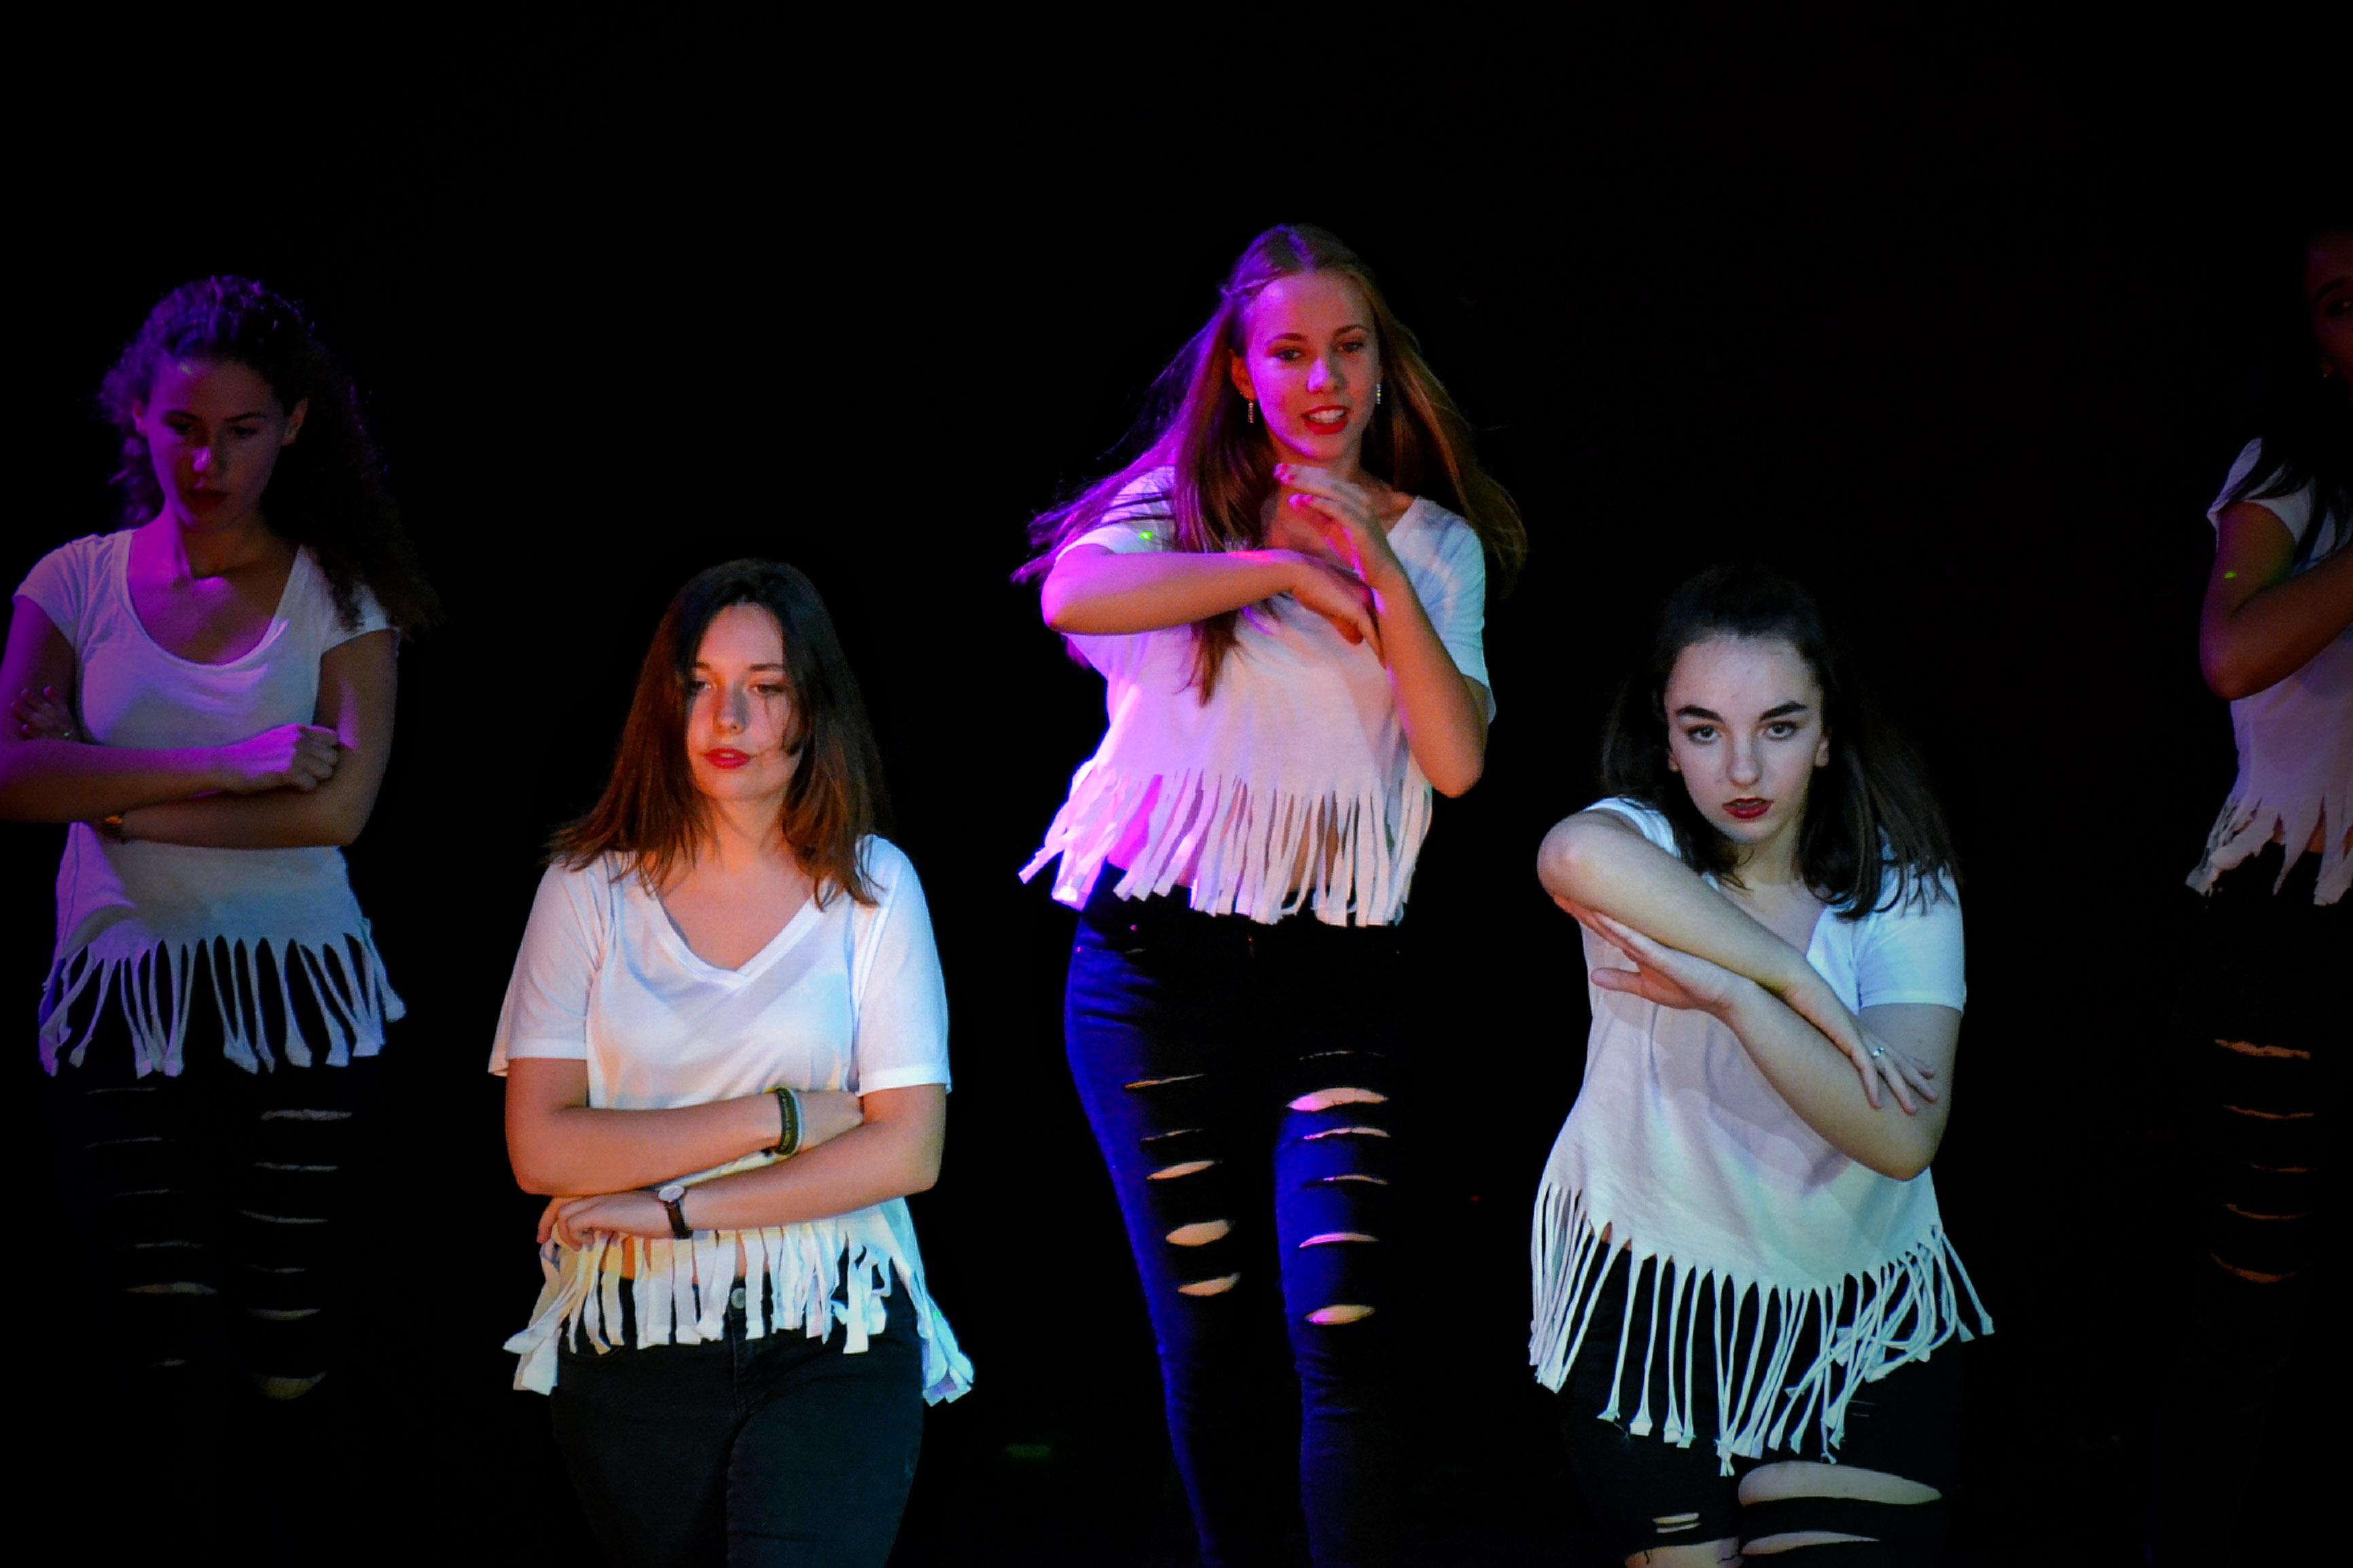 Linea-de-Baile-festival-verano-2015-clases-de-baile-valencia-148